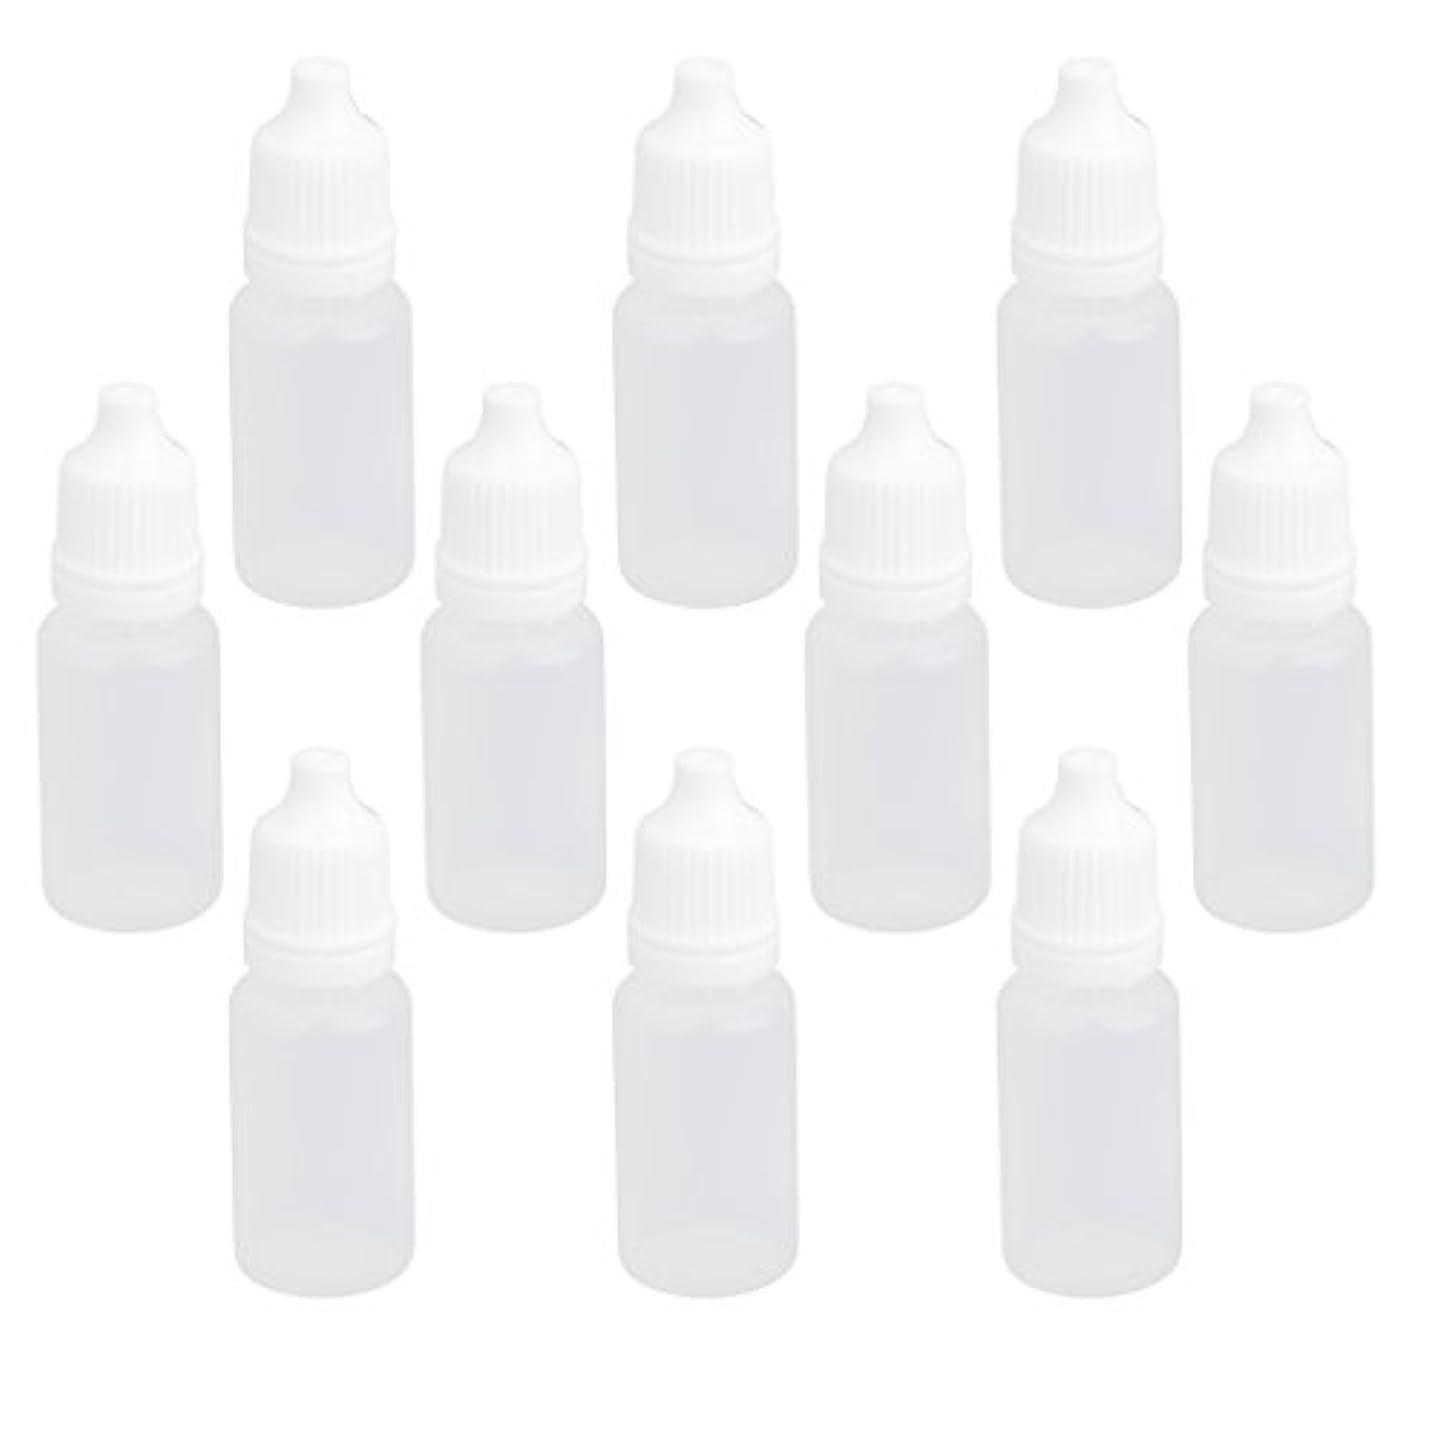 硬い見習い収入【ノーブランド品】ドロッパーボトル 点眼 液体 貯蔵用 滴瓶 プラスチック製 10個 (10ml)